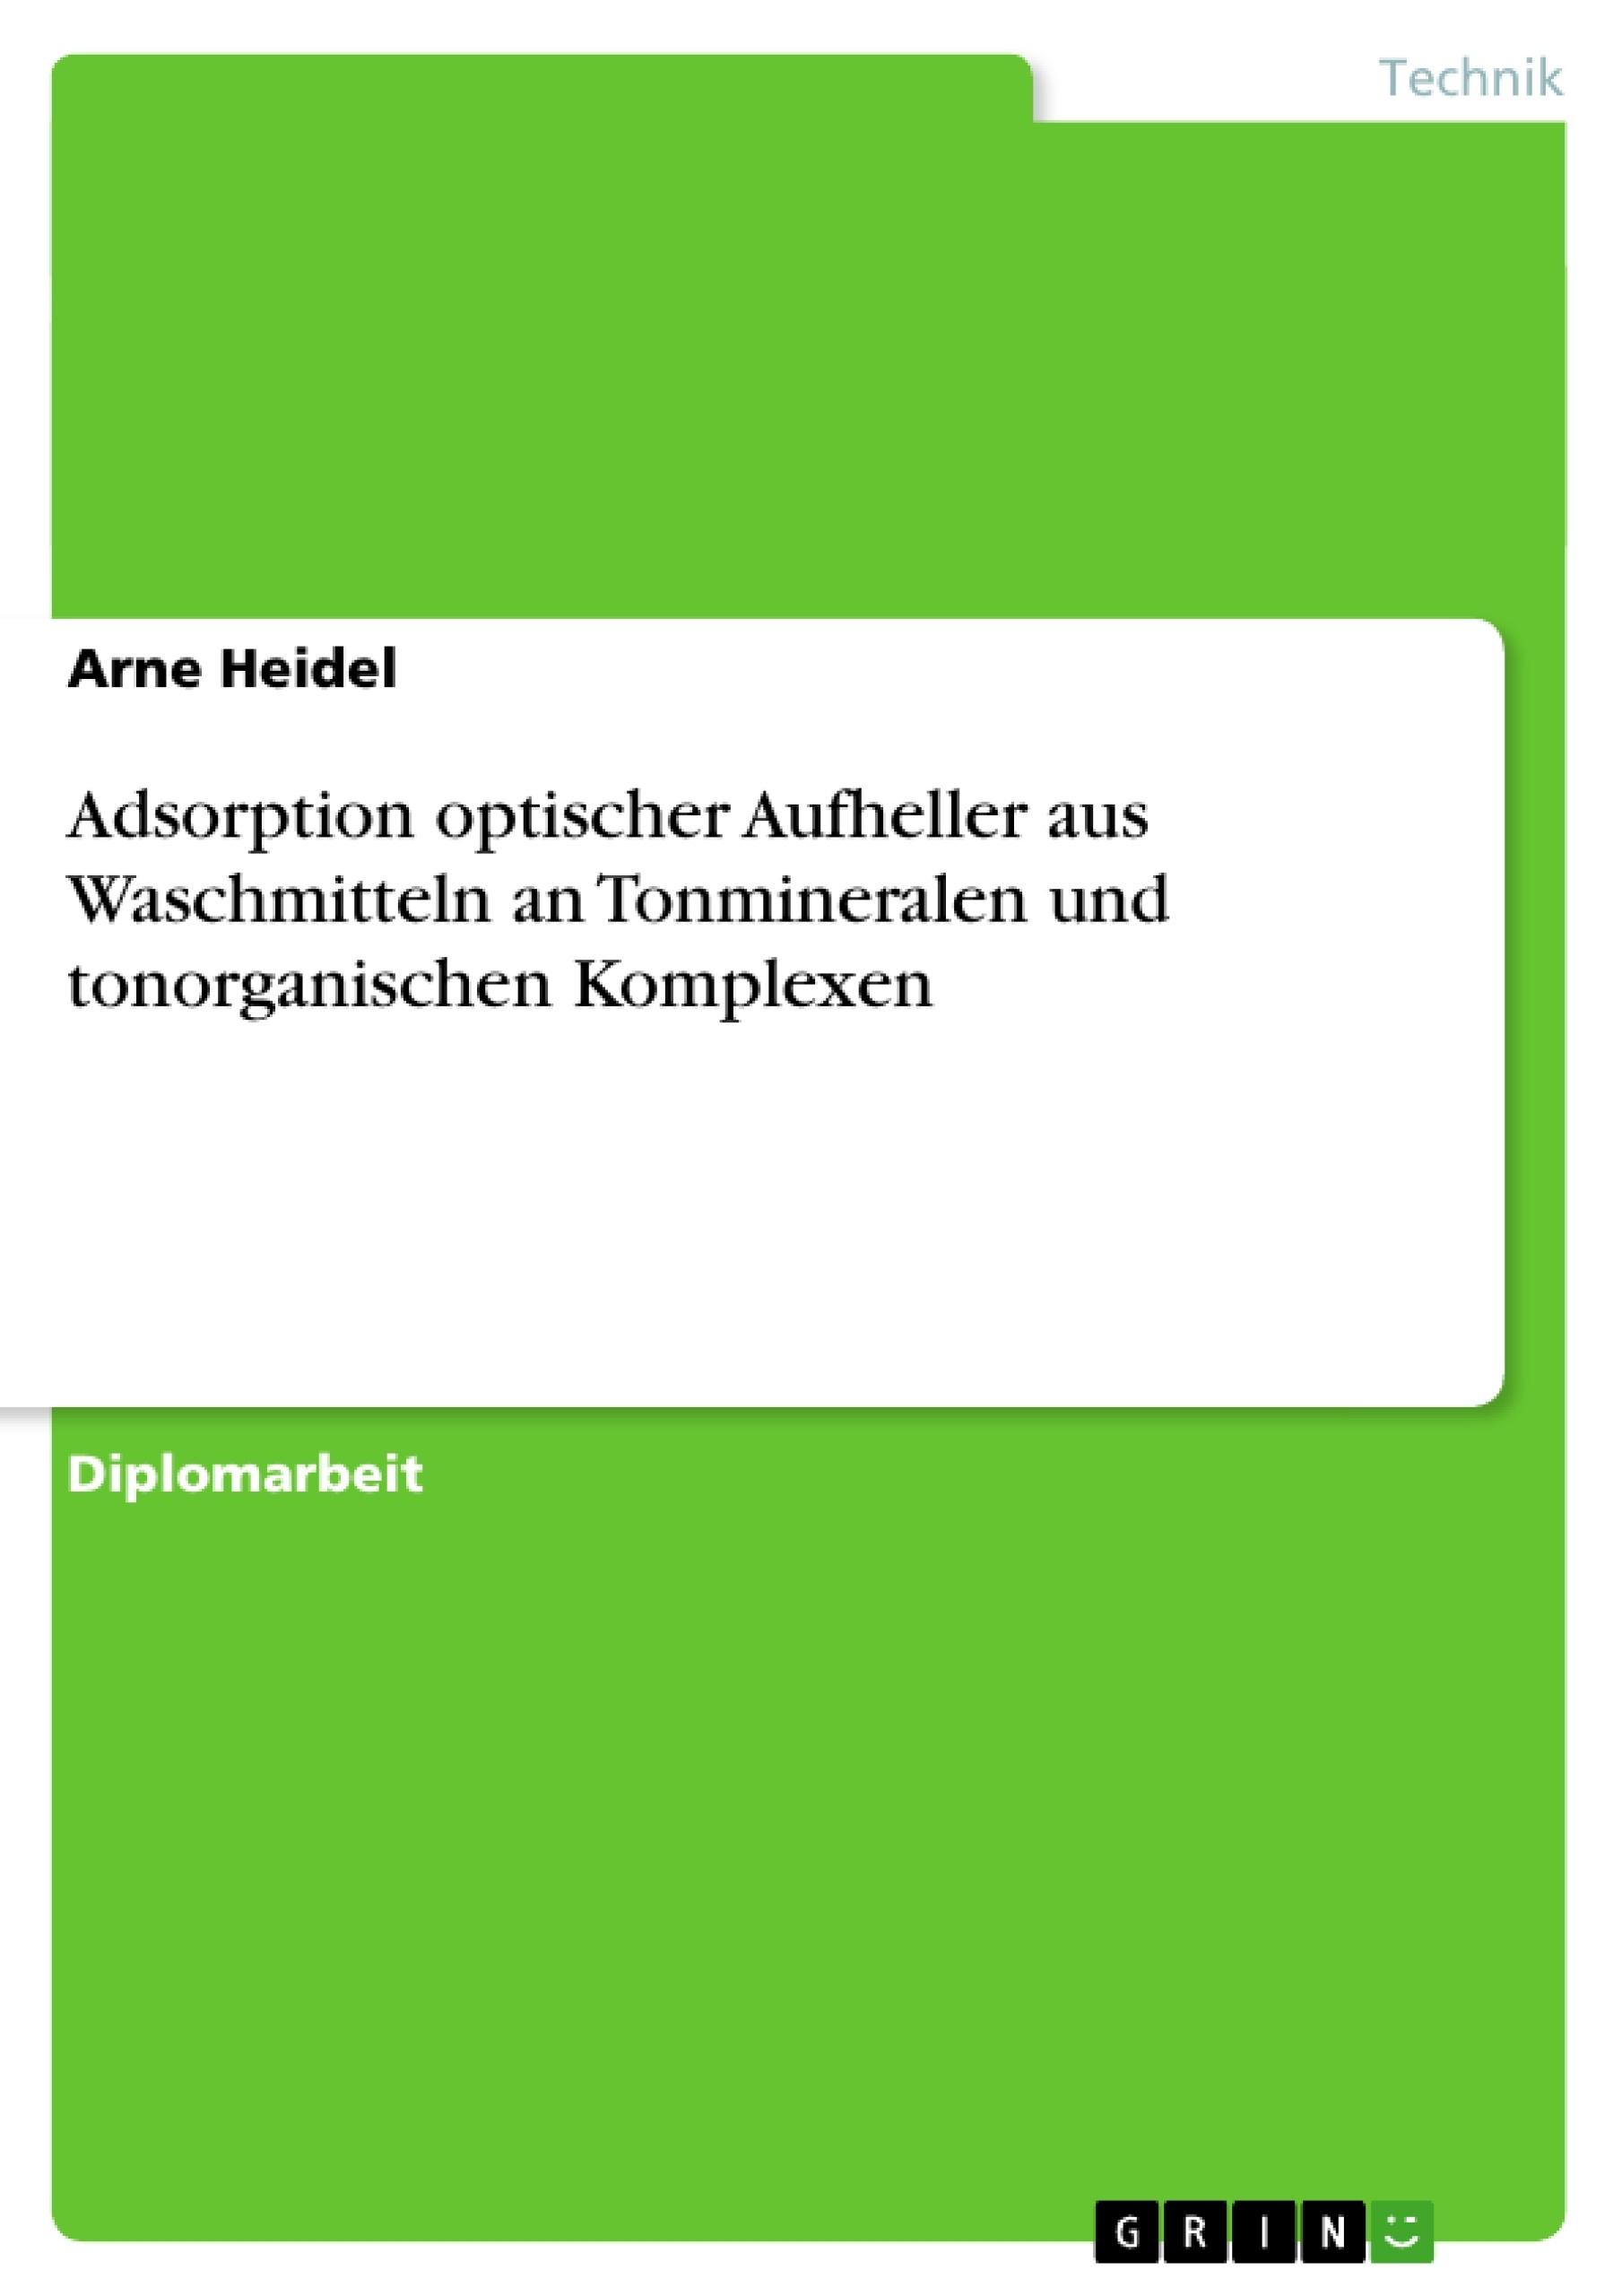 Titel: Adsorption optischer Aufheller aus Waschmitteln an Tonmineralen und tonorganischen Komplexen